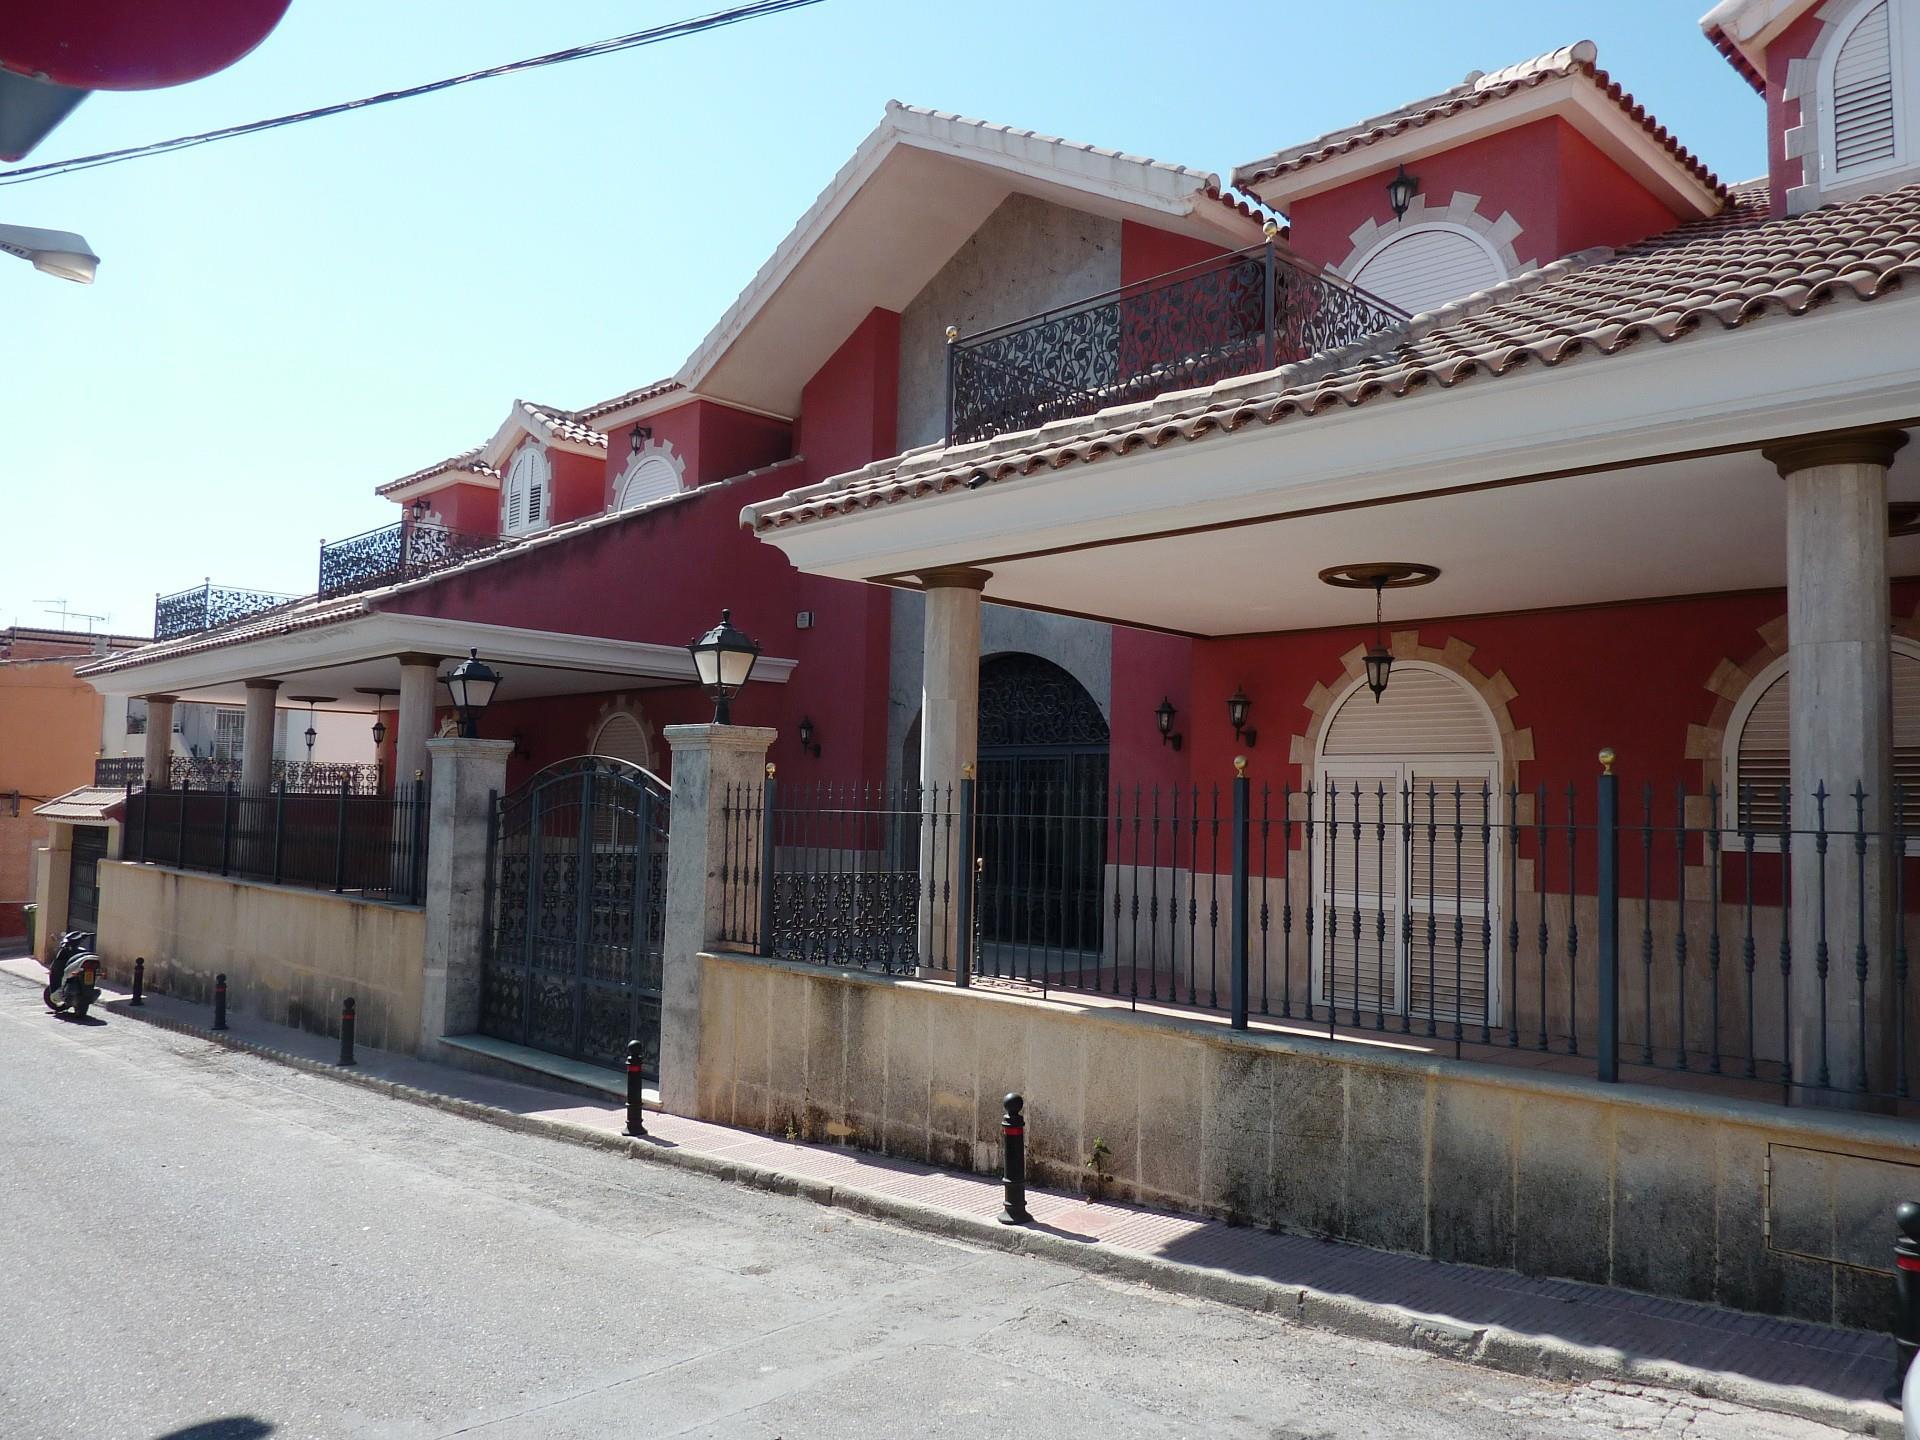 Casa adosada  Calle de la monja. Totana / calle de la monja